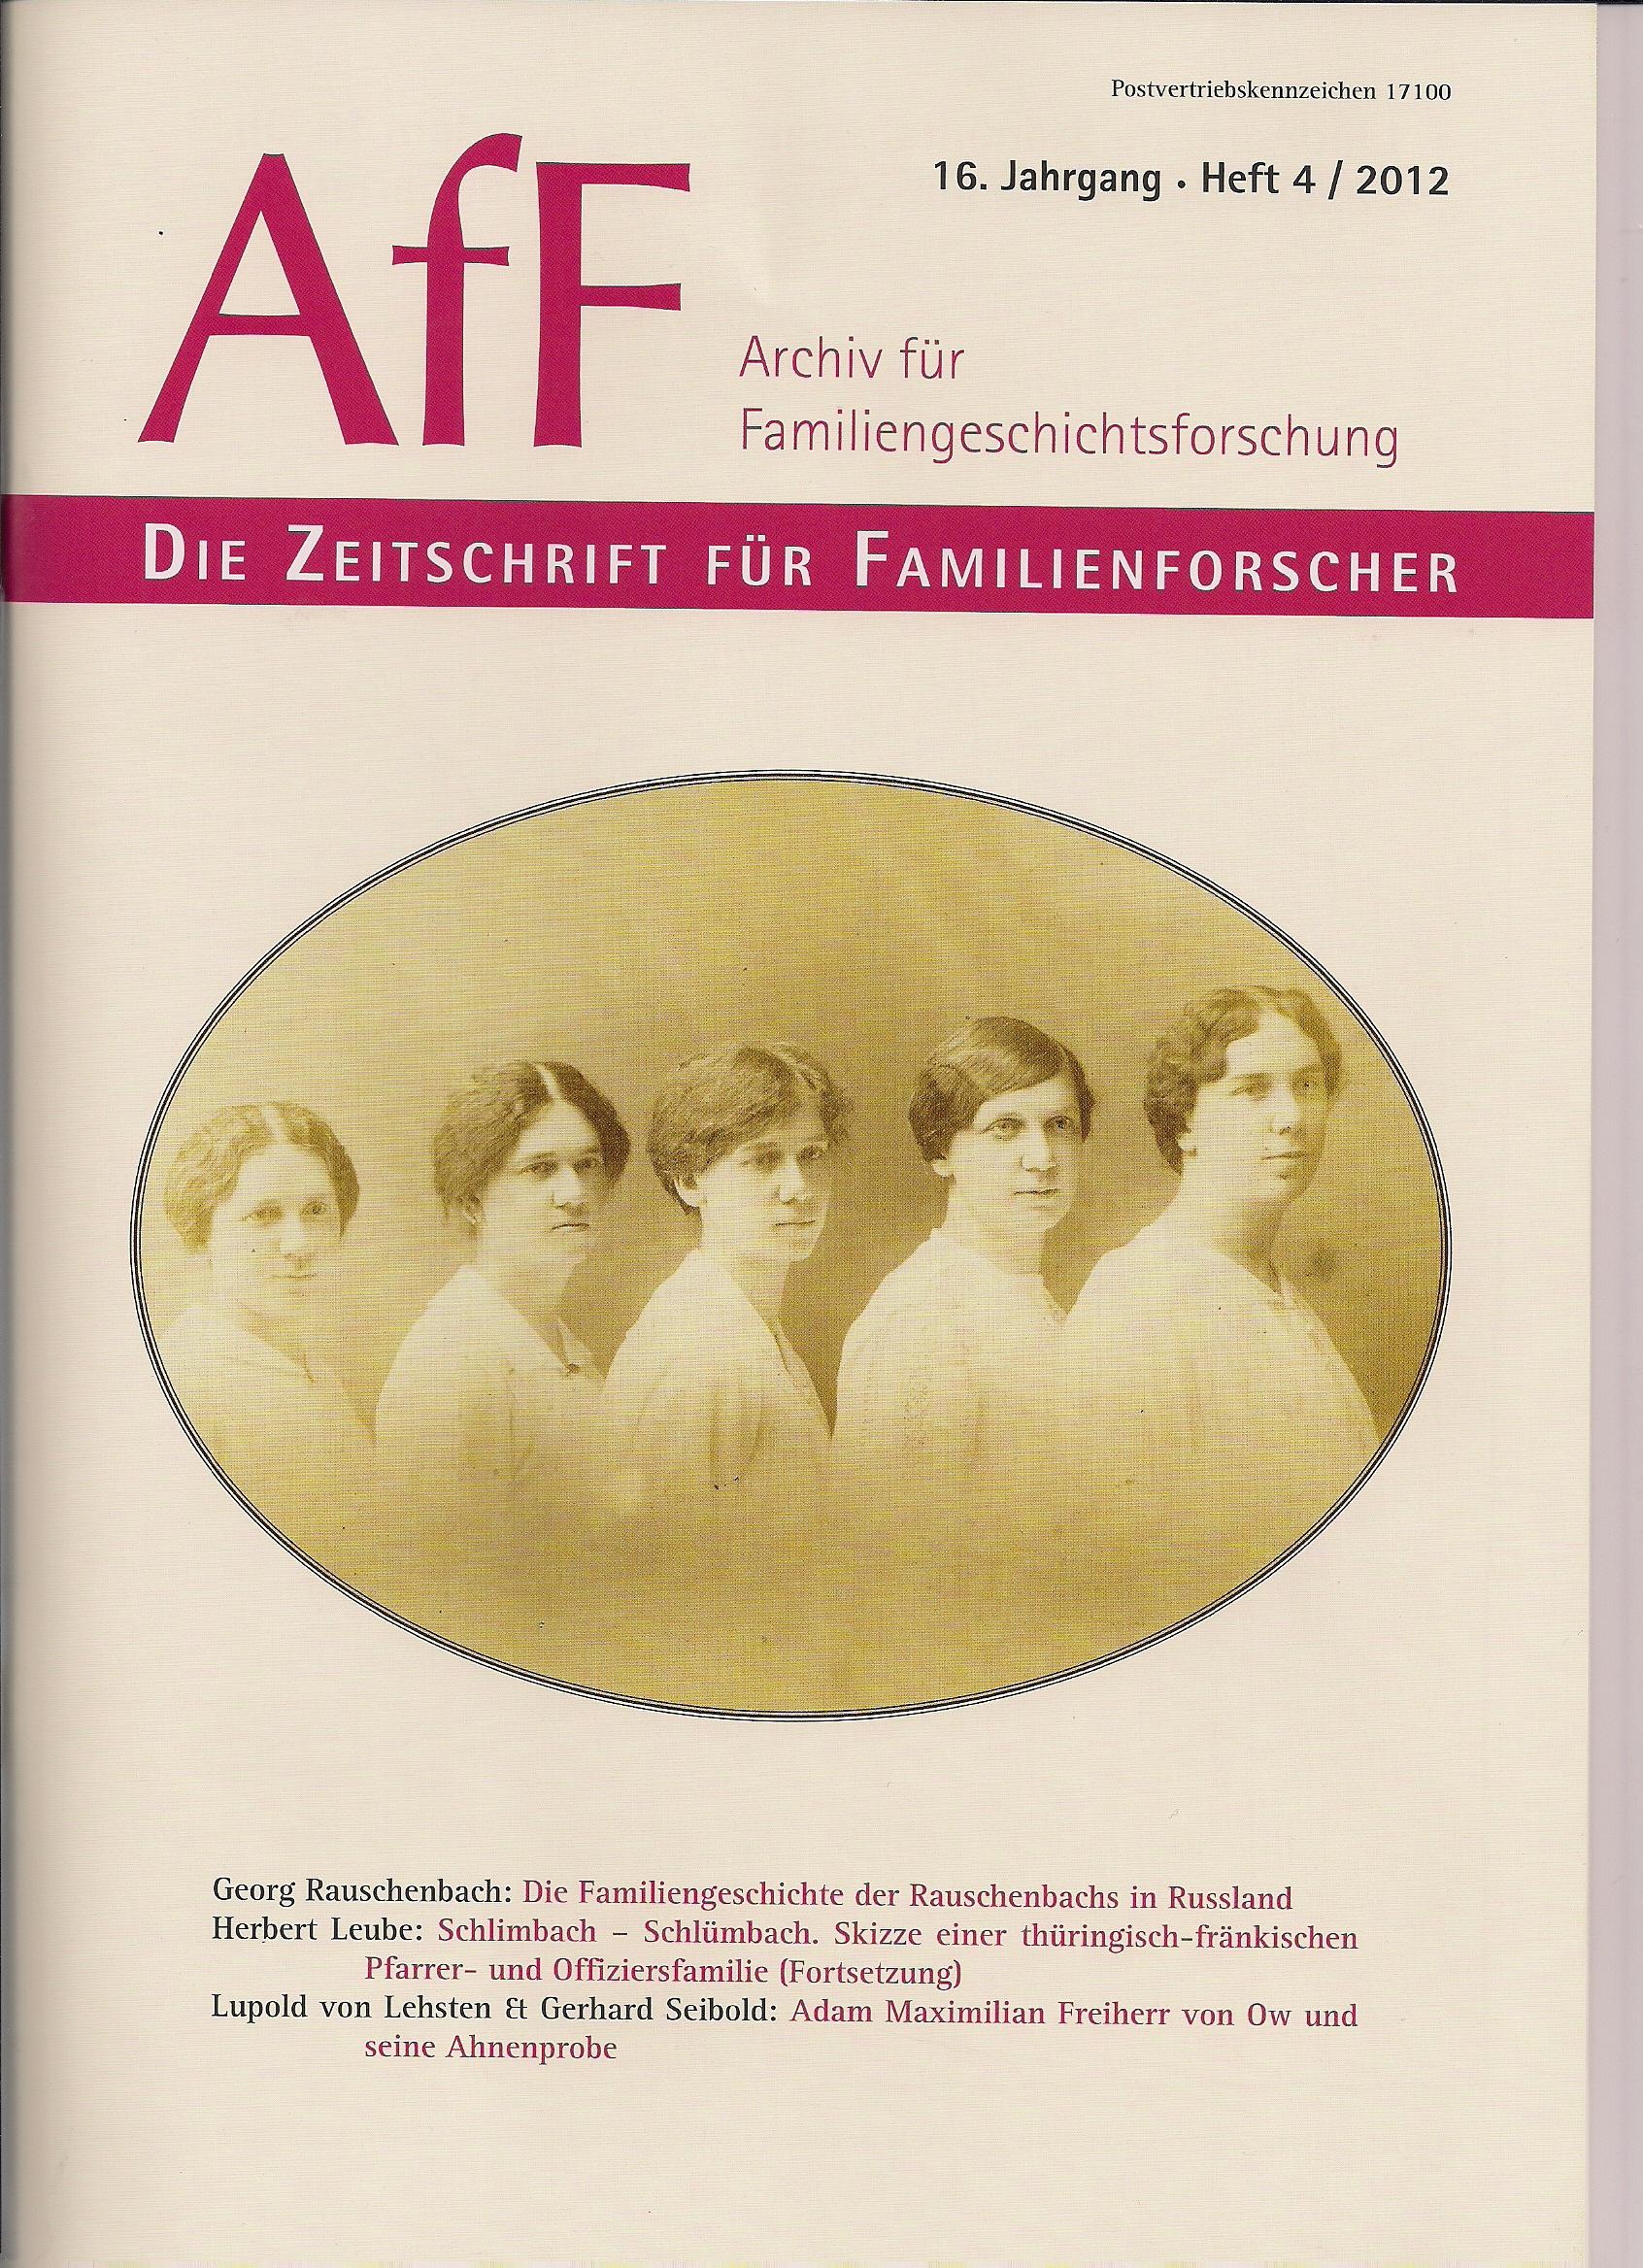 Die Familiengeschichte der Rauschenbachs